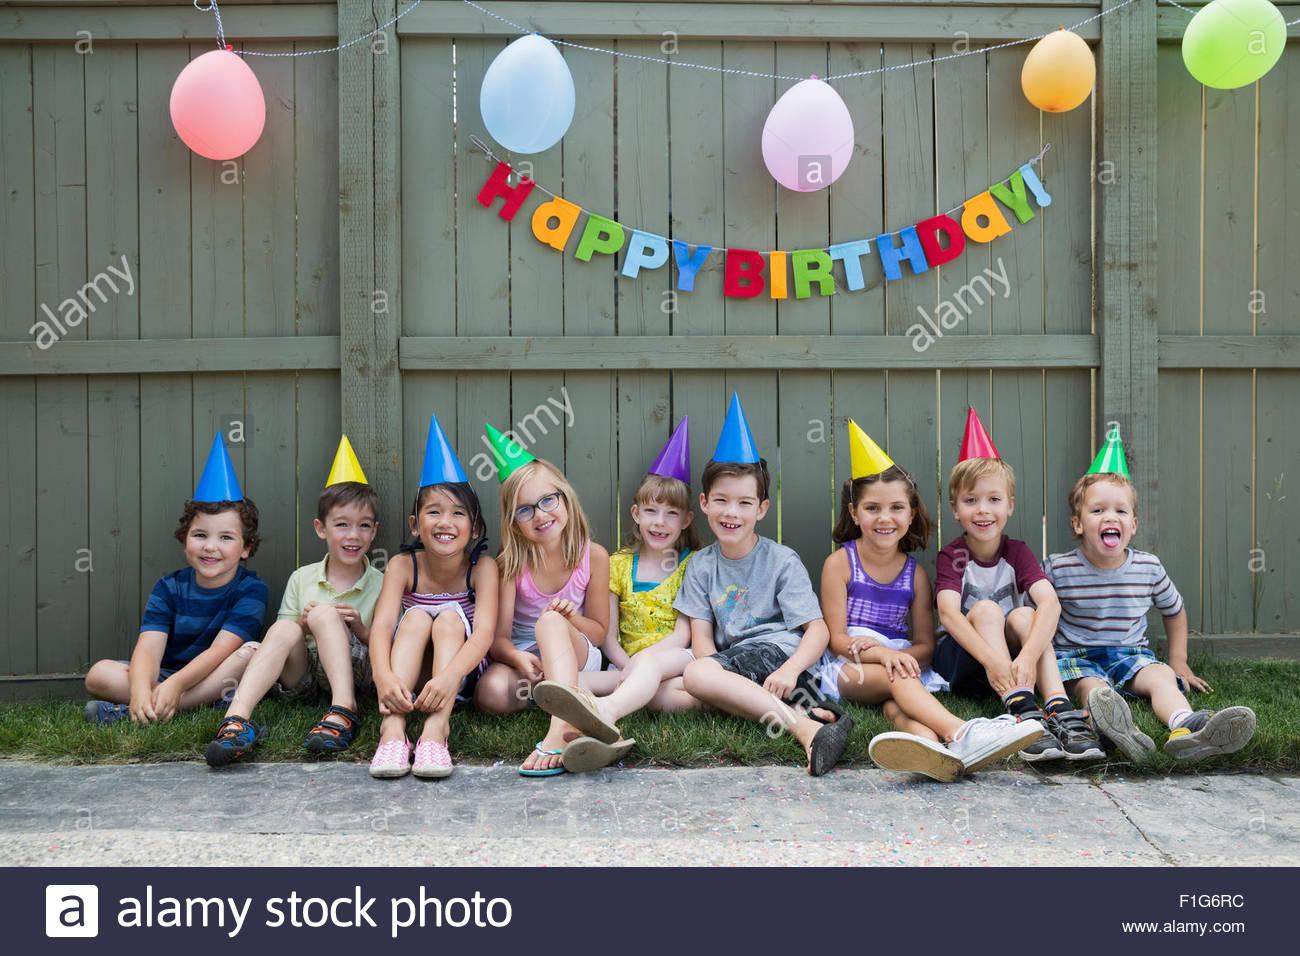 Kinder Portrait lächelnd eine Zeile Hinterhof-Geburtstags-party Stockbild